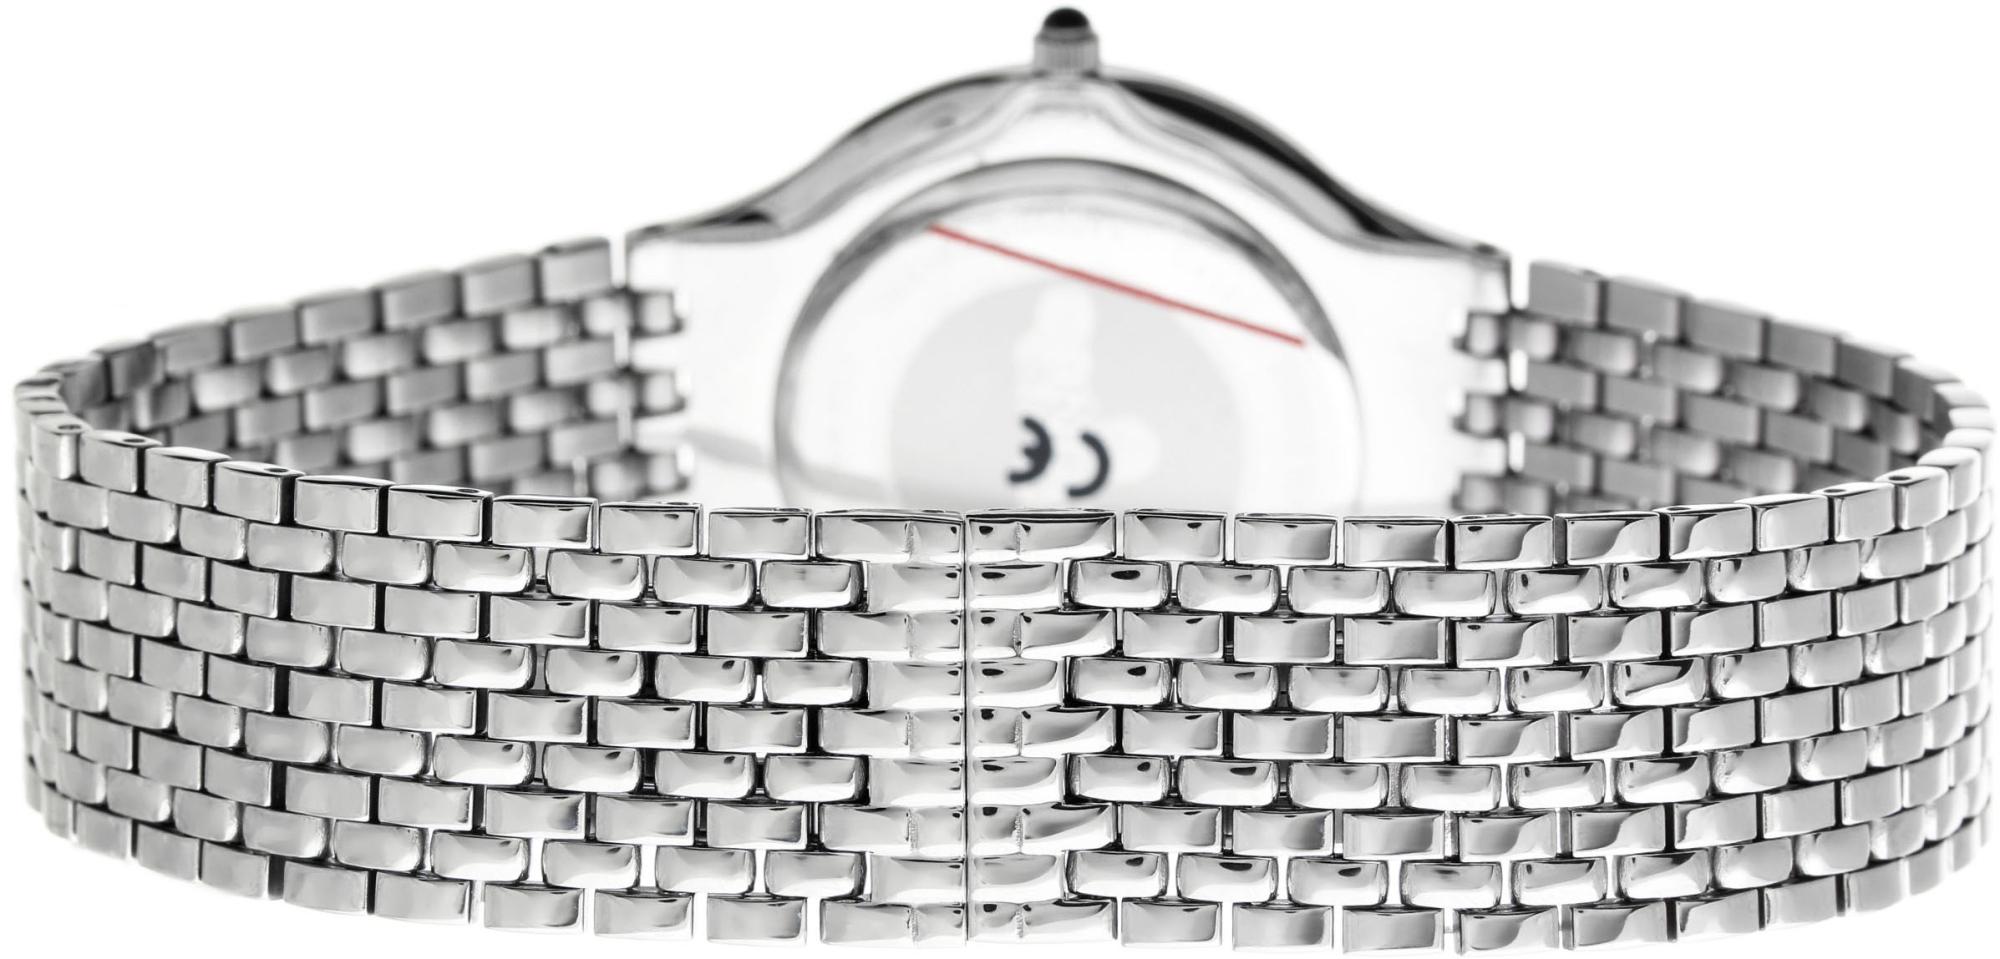 Candino Timeless C4362/4Наручные часы<br>Швейцарские часы Candino Timeless C4362/4Данная модель входит в коллекцию Timeless. Это модные мужские часы. Материал корпуса часов — сталь. В этих часах используется сапфировое стекло. Часы выдерживают давление на глубине 50 м. Цвет циферблата - черный.<br><br>Пол: Мужские<br>Страна-производитель: Швейцария<br>Механизм: Кварцевый<br>Материал корпуса: Сталь<br>Материал ремня/браслета: Сталь<br>Водозащита, диапазон: 20 - 100 м<br>Стекло: Сапфировое<br>Толщина корпуса: None<br>Стиль: Классика